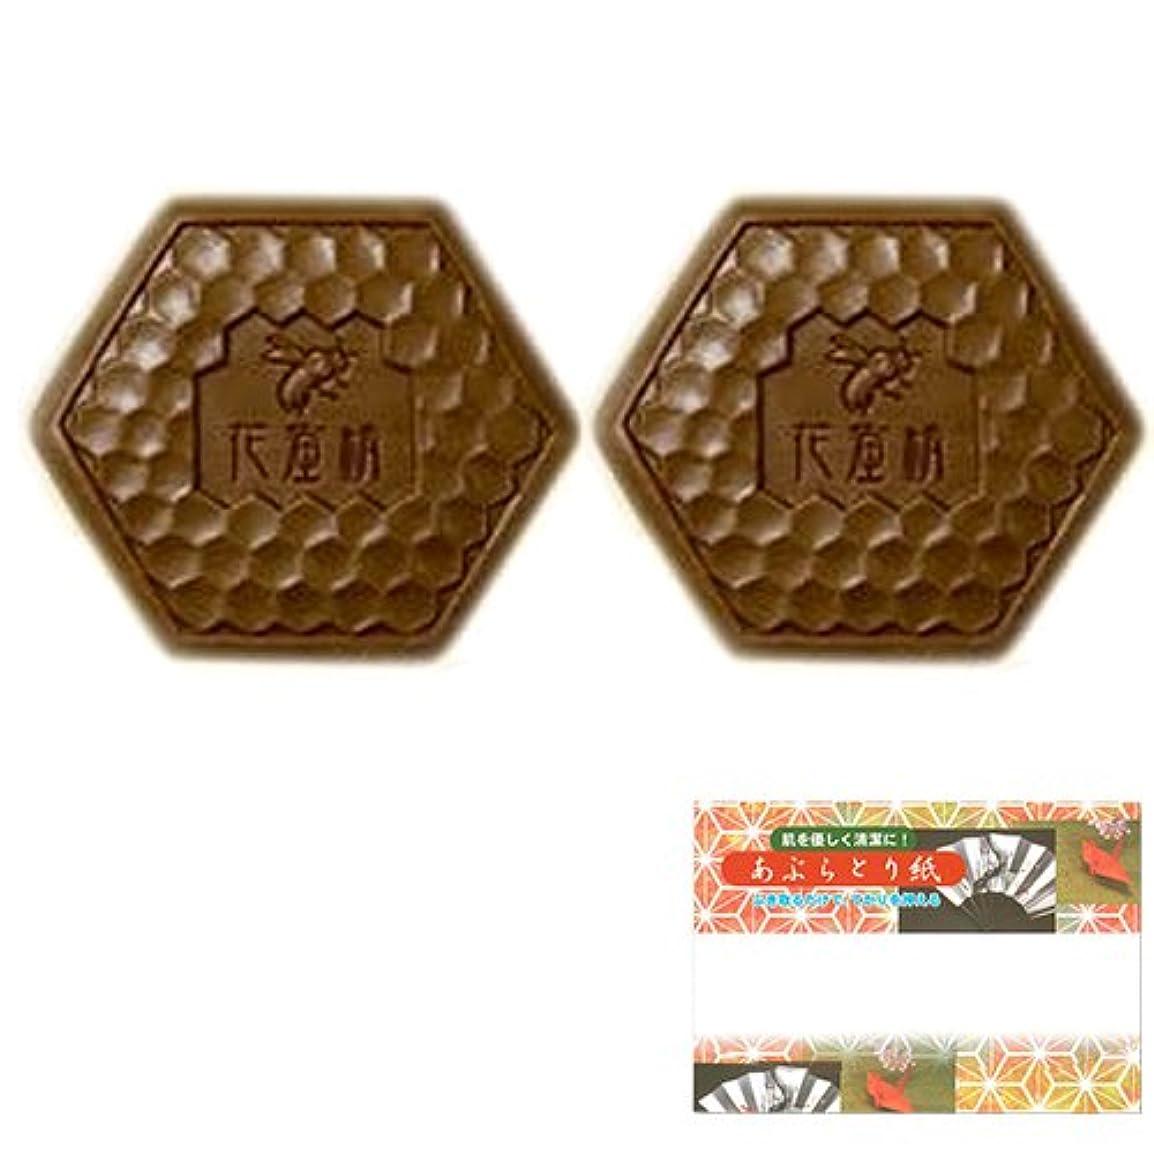 赤教育する伝記フェニックス 花蜜精(かみつせい) はちみつ クレンジングソープ 2個 + 高級あぶらとり紙セット